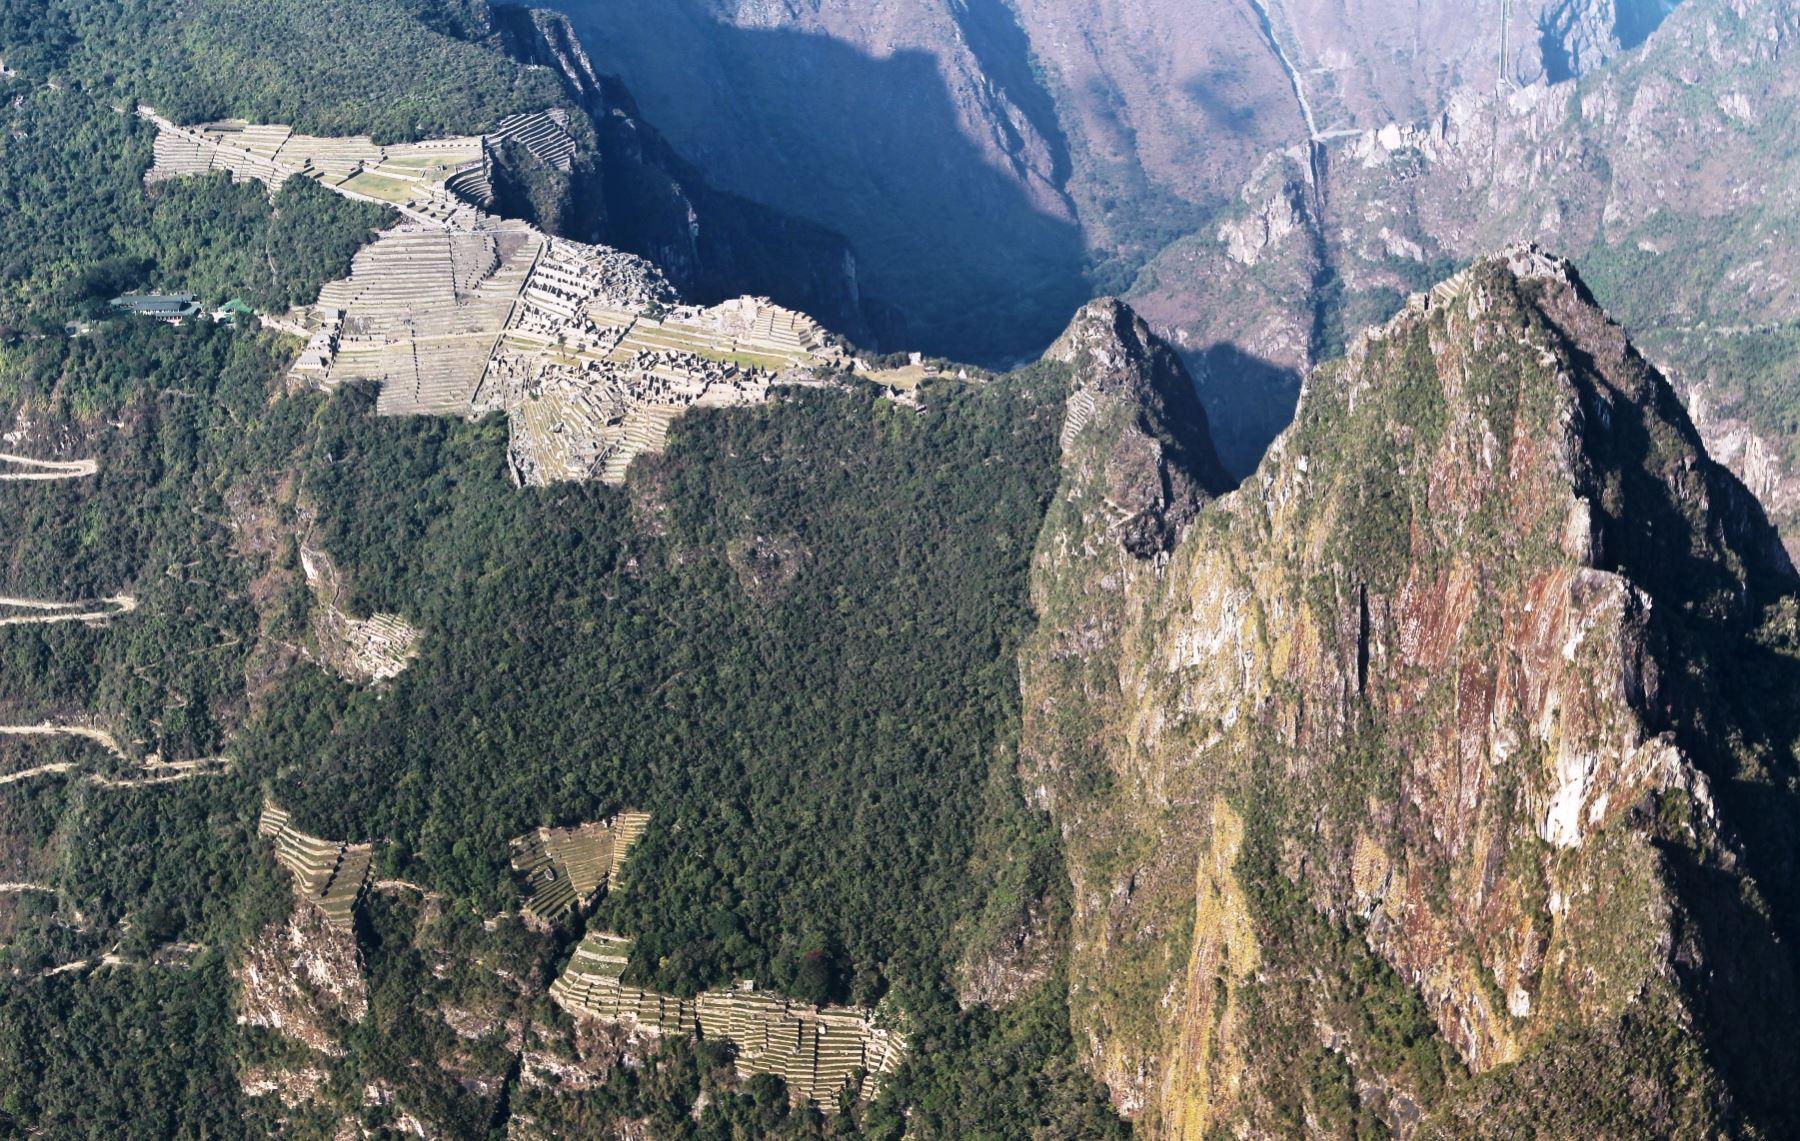 Vista aérea del parque arqueológico Machu Picchu. Foto: ANDINA/Archivo.